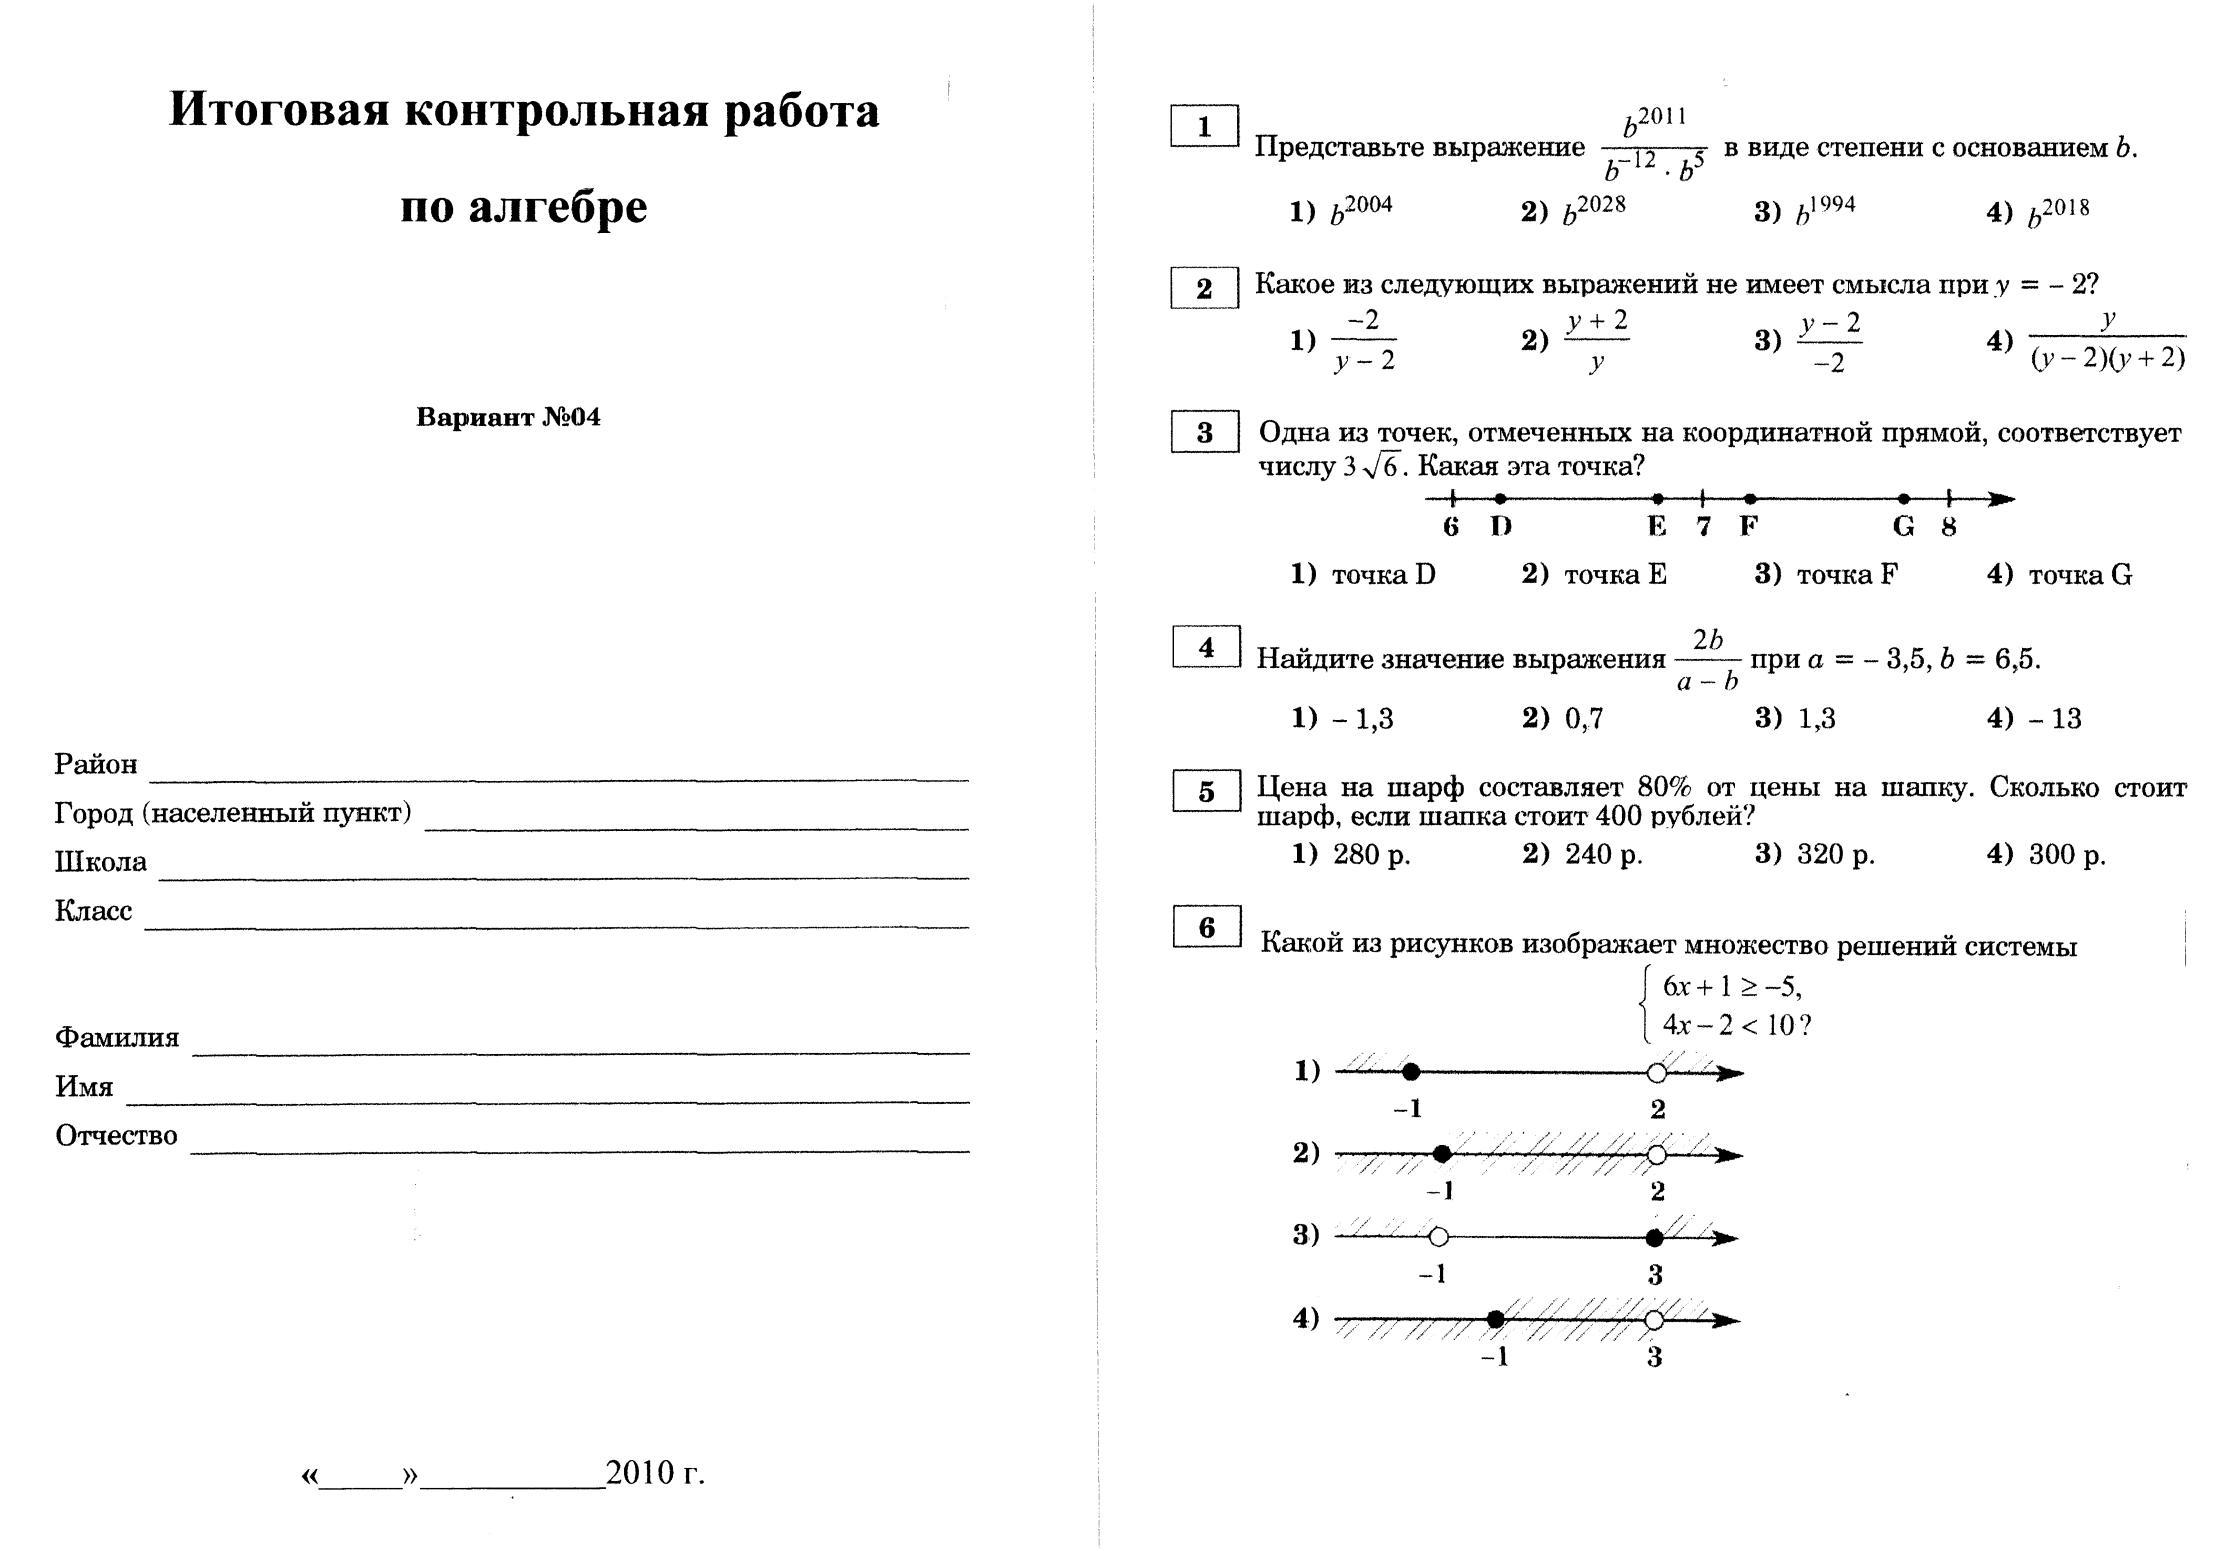 Контрольная работа класс математика по ууд derdpehostgan контрольная работа 6 класс математика по ууд